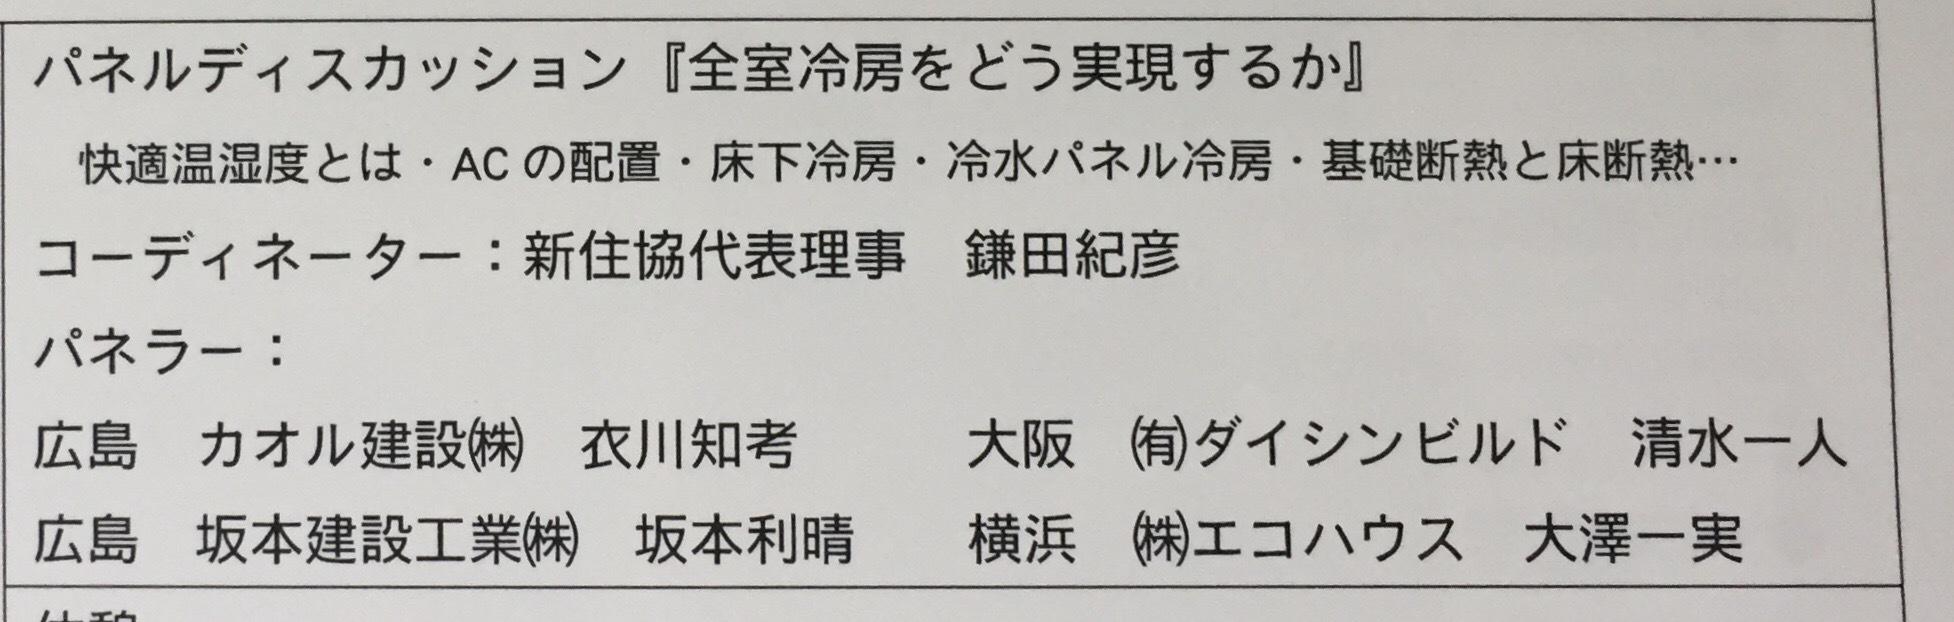 新住協 大阪大会④_e0356016_10274567.jpeg